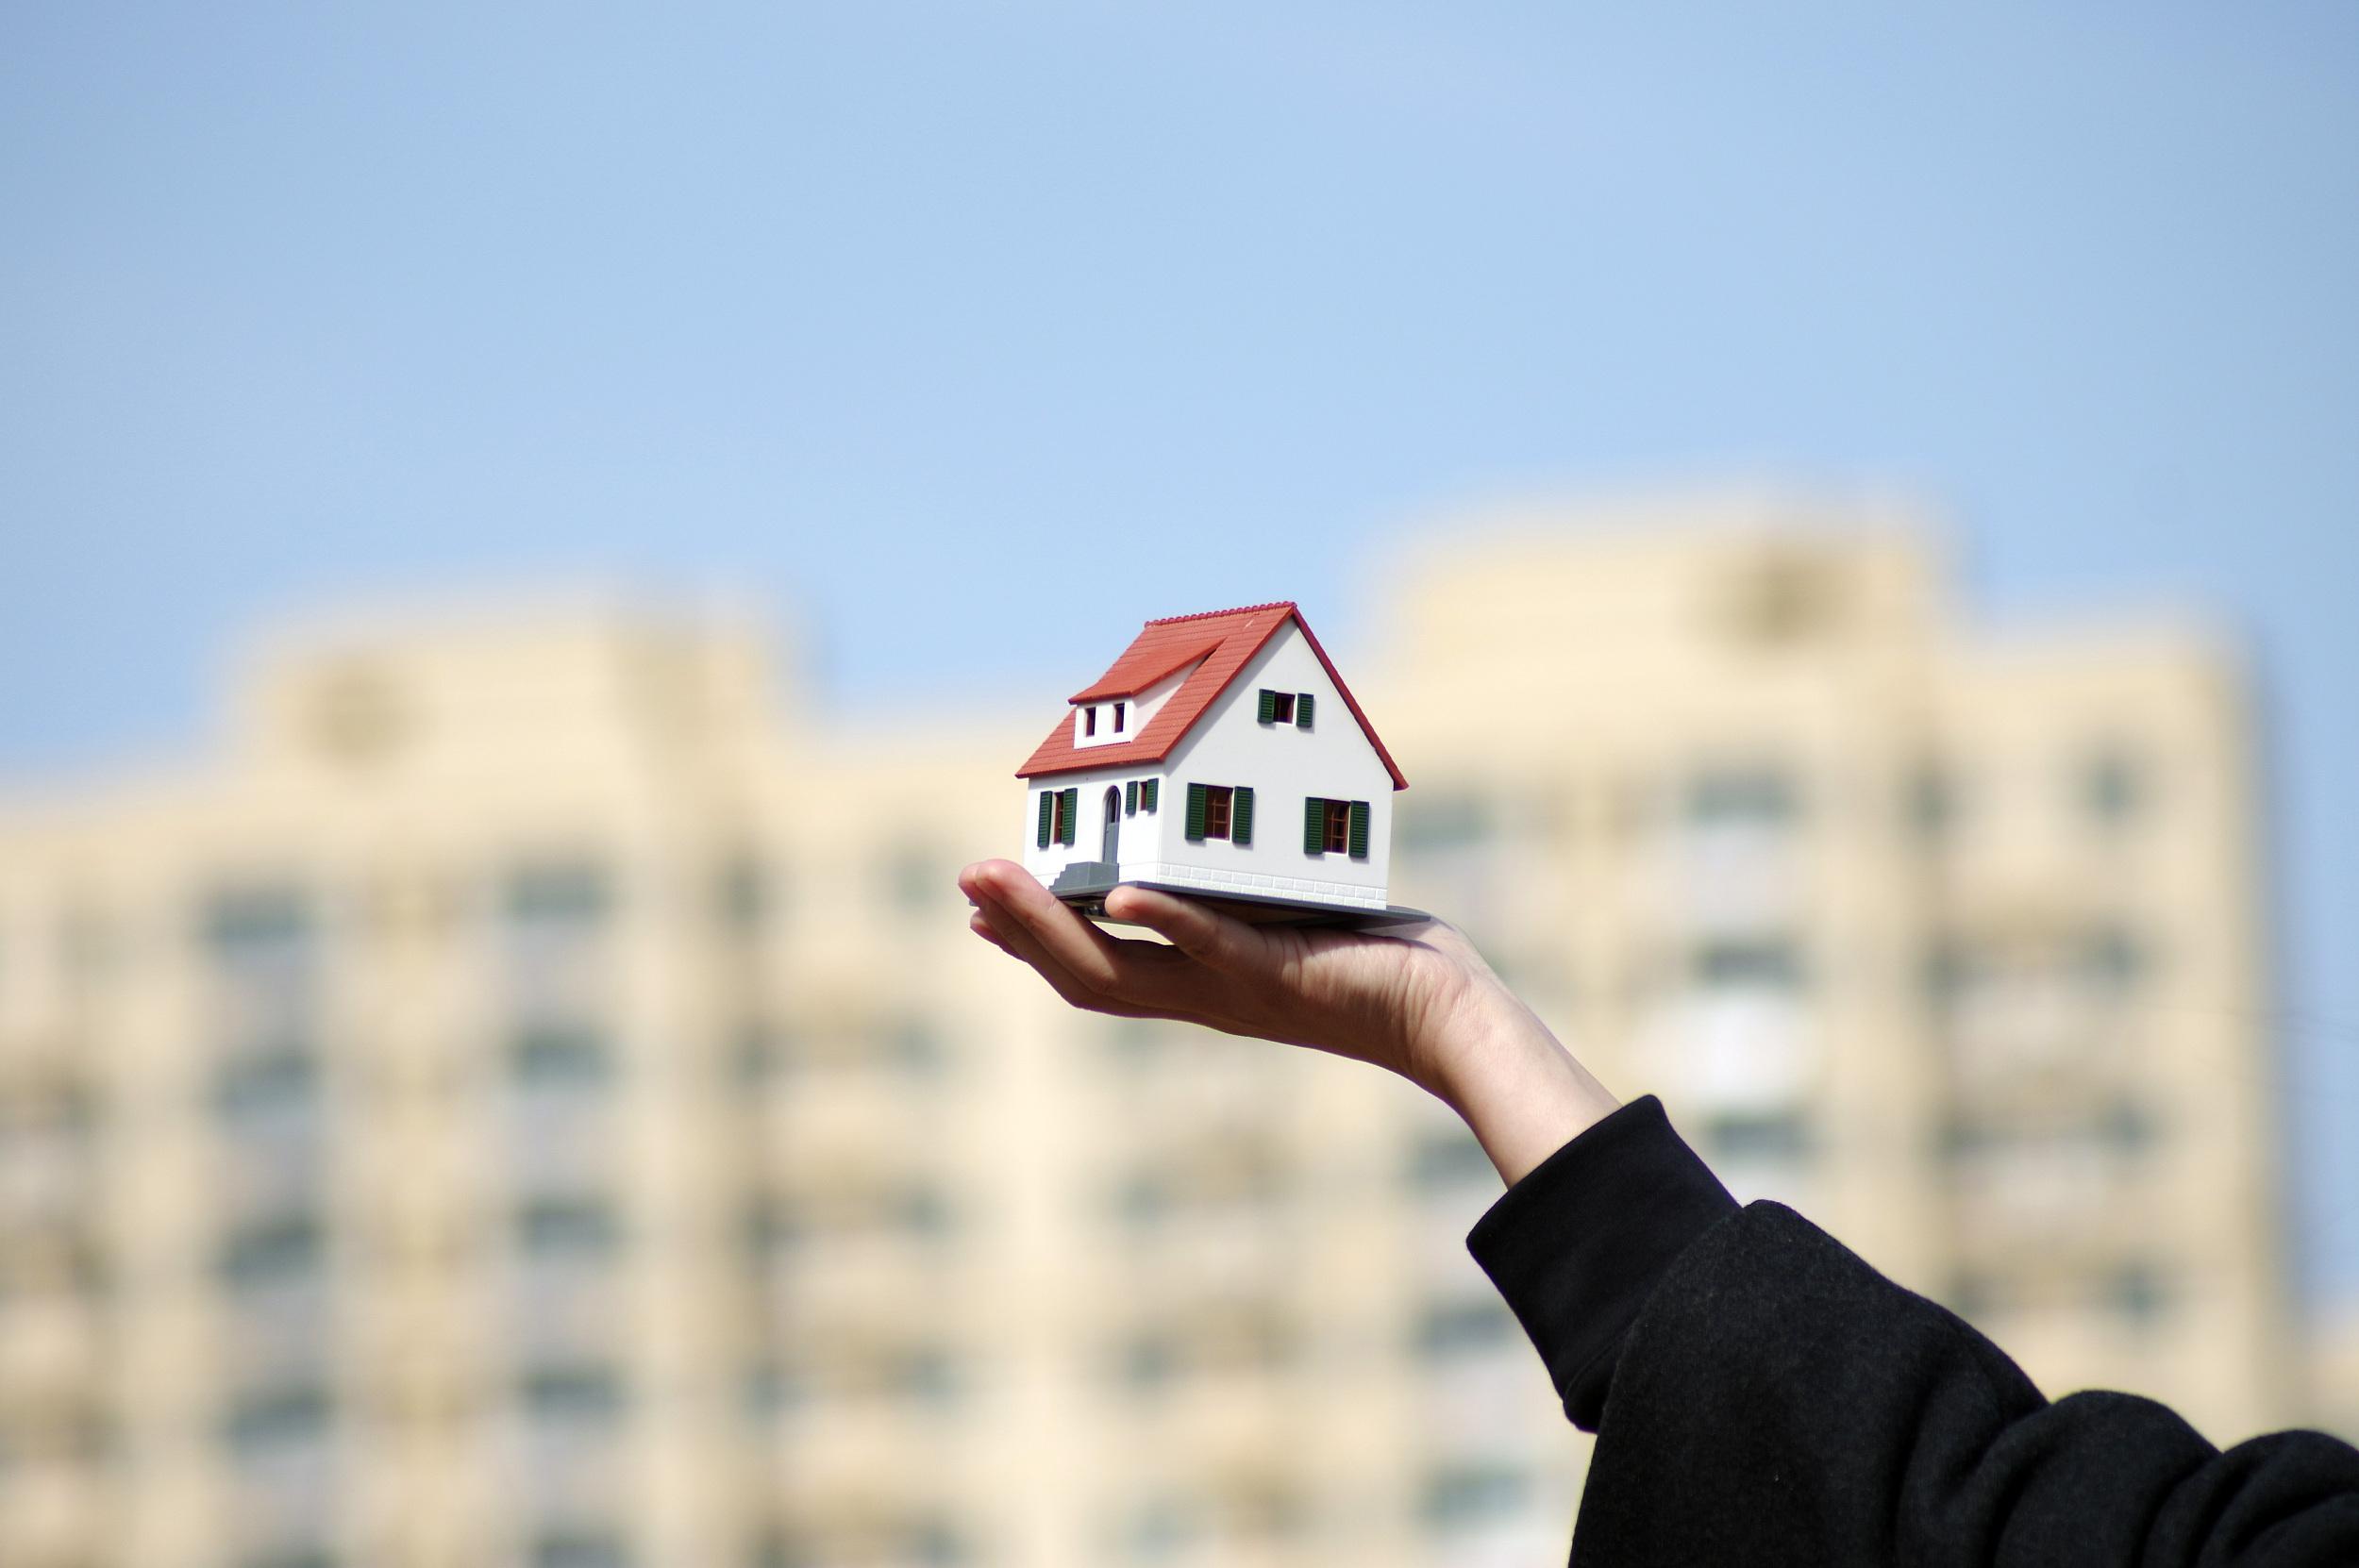 房地产|中国3月70城房价:更多城市新房环比上涨,广州福州领跑,一线城市房价同比涨幅较2月扩大